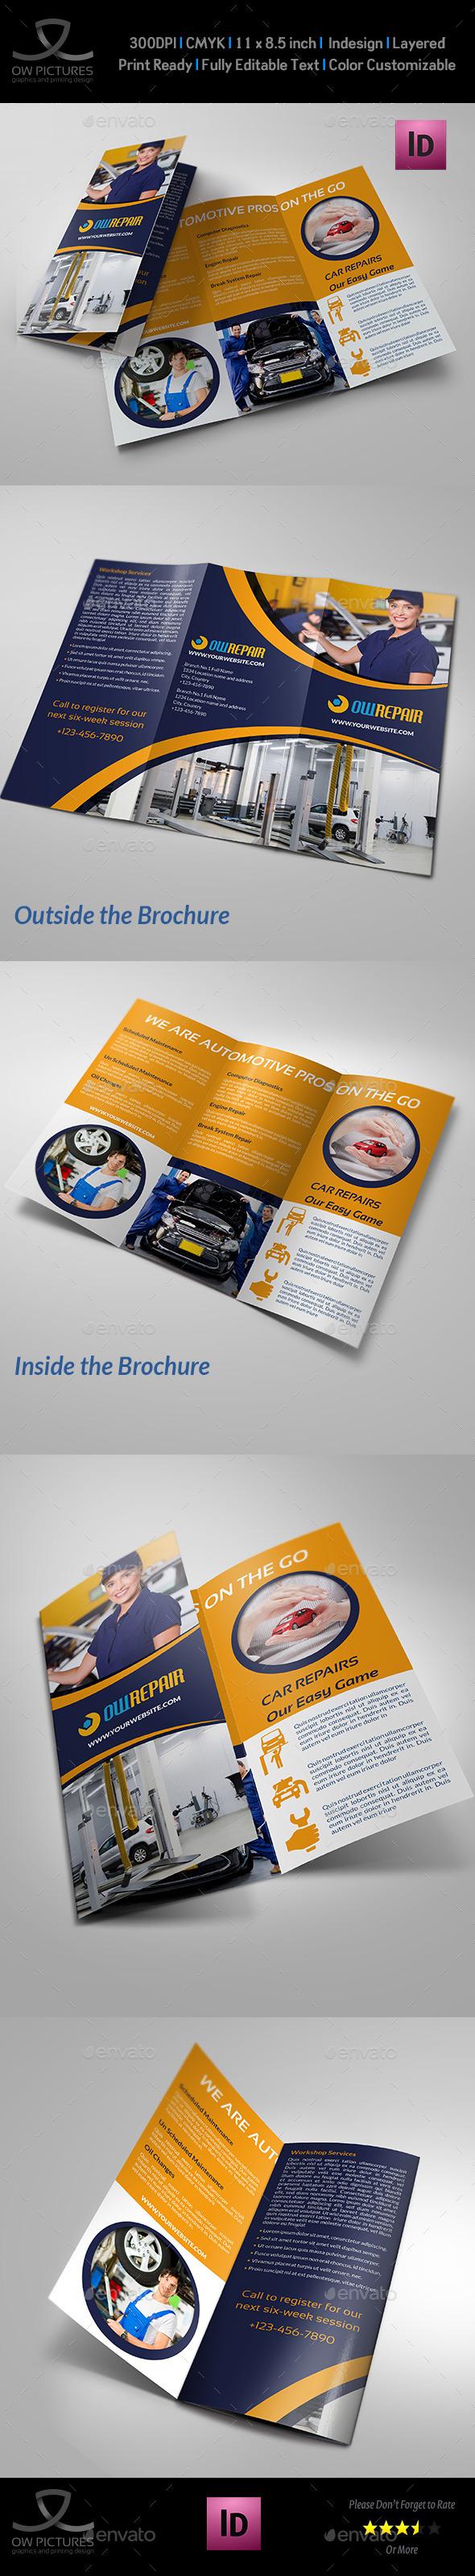 Car Repair Tri-Fold Brochure Template Vol2 - Informational Brochures